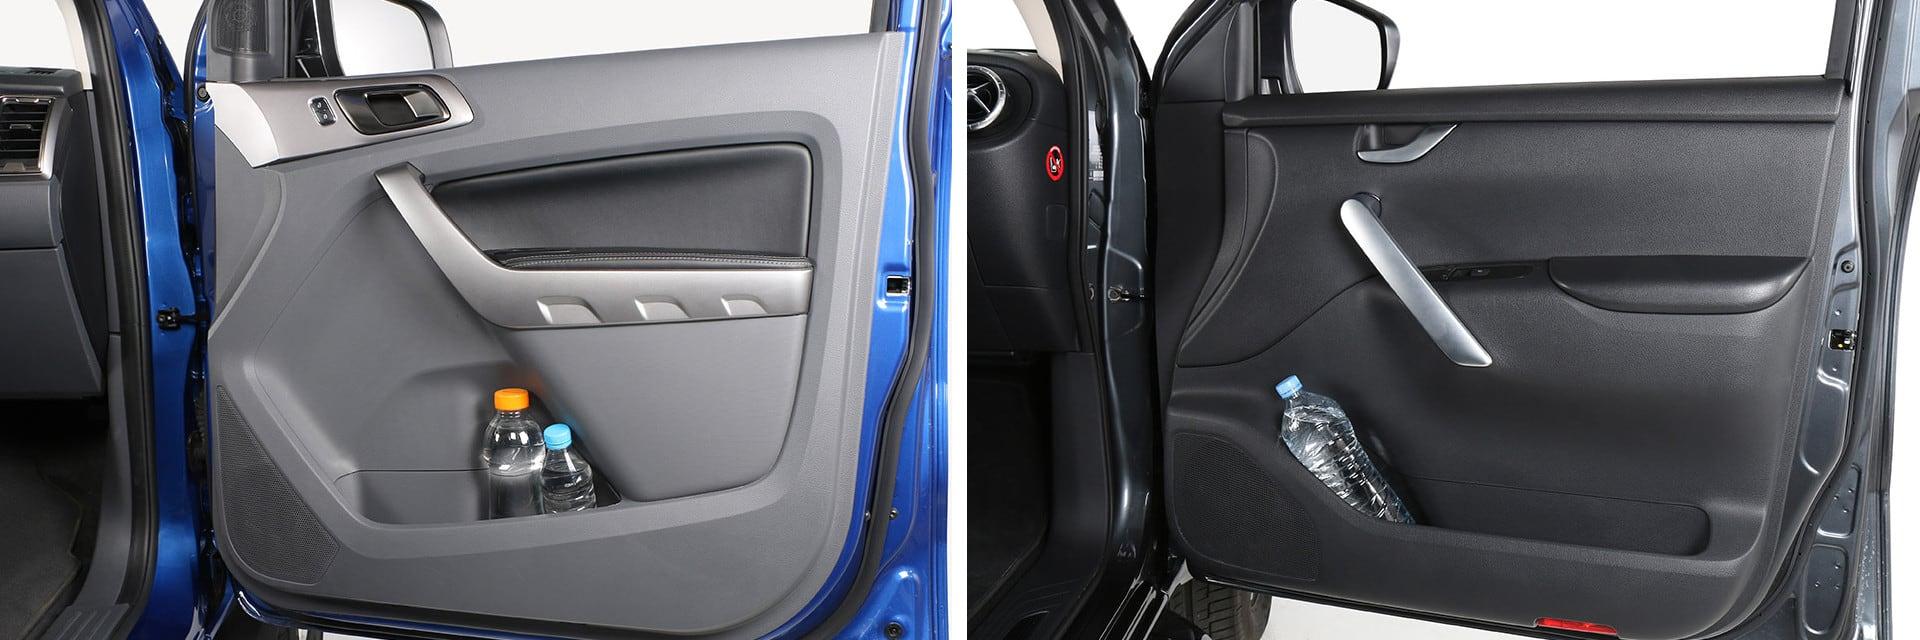 Los huecos que hay en las puertas delanteras tienen espacio suficiente para dejar una botella de 1,5 litros.